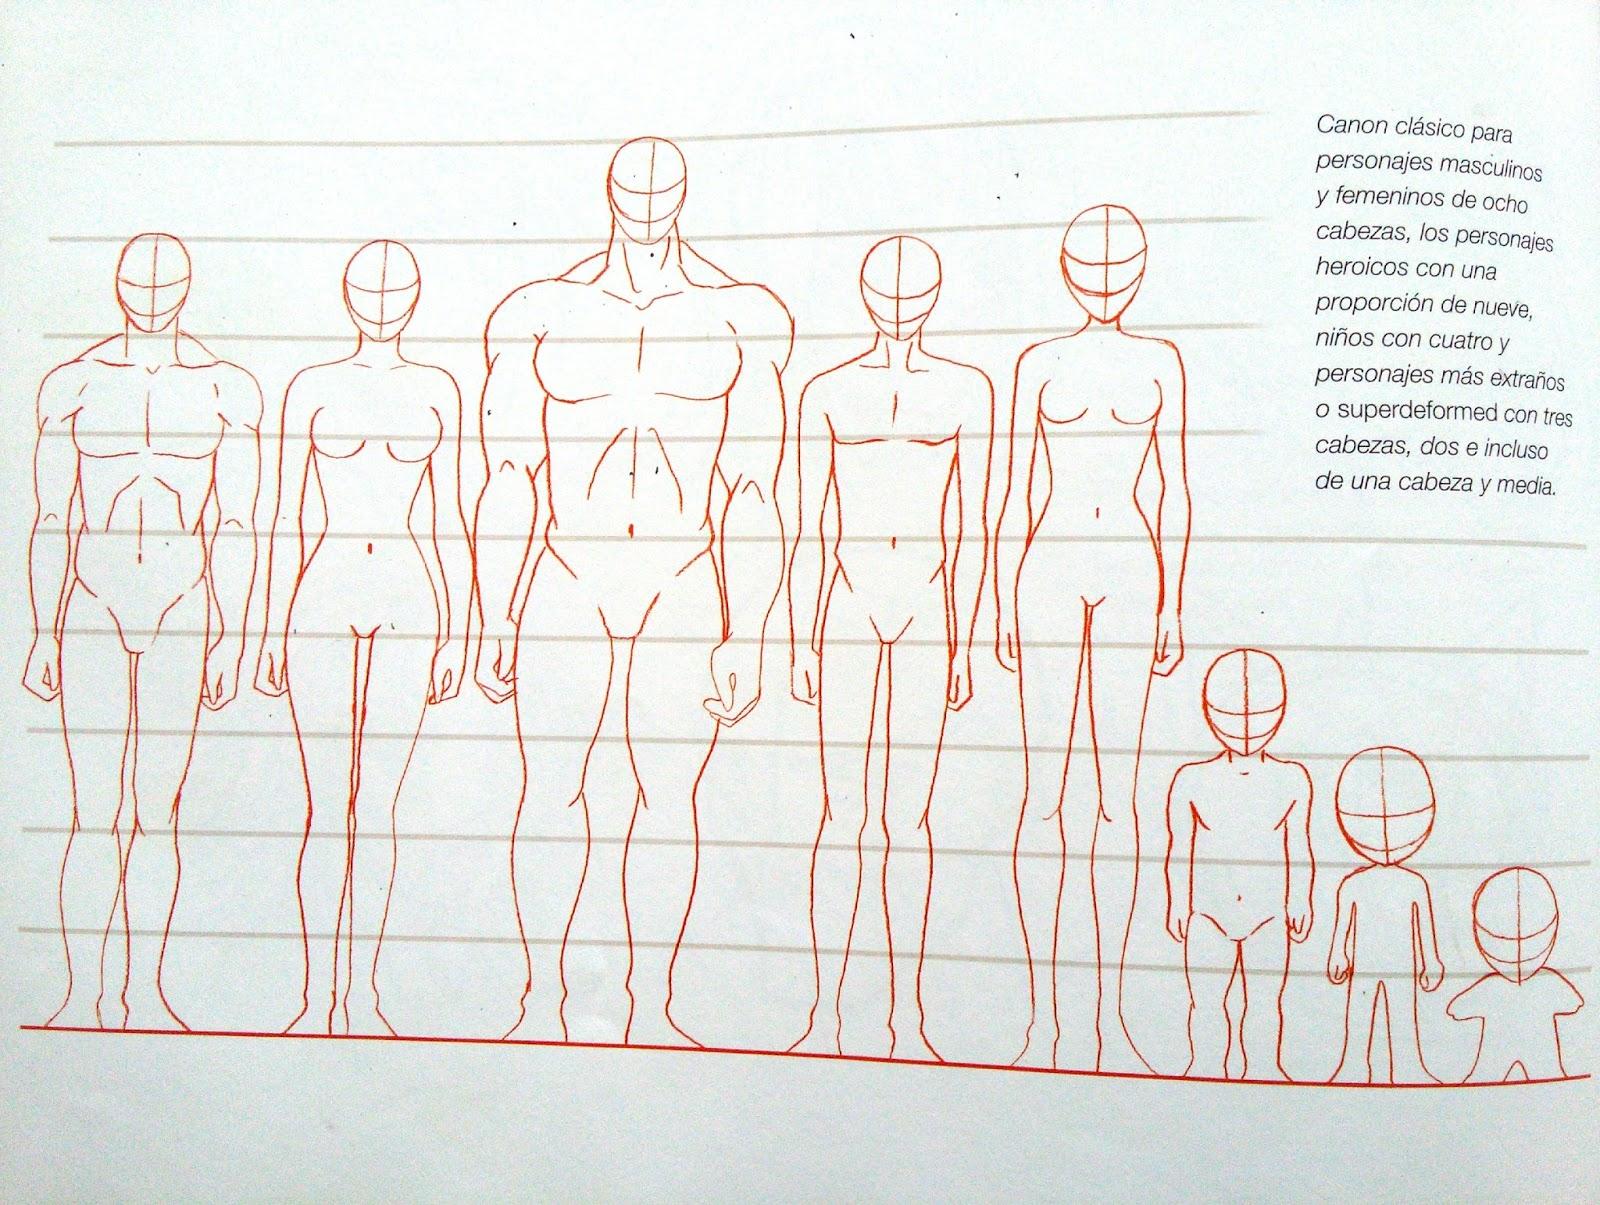 Fantástico El Cuerpo Humano Masculino Componente - Imágenes de ...